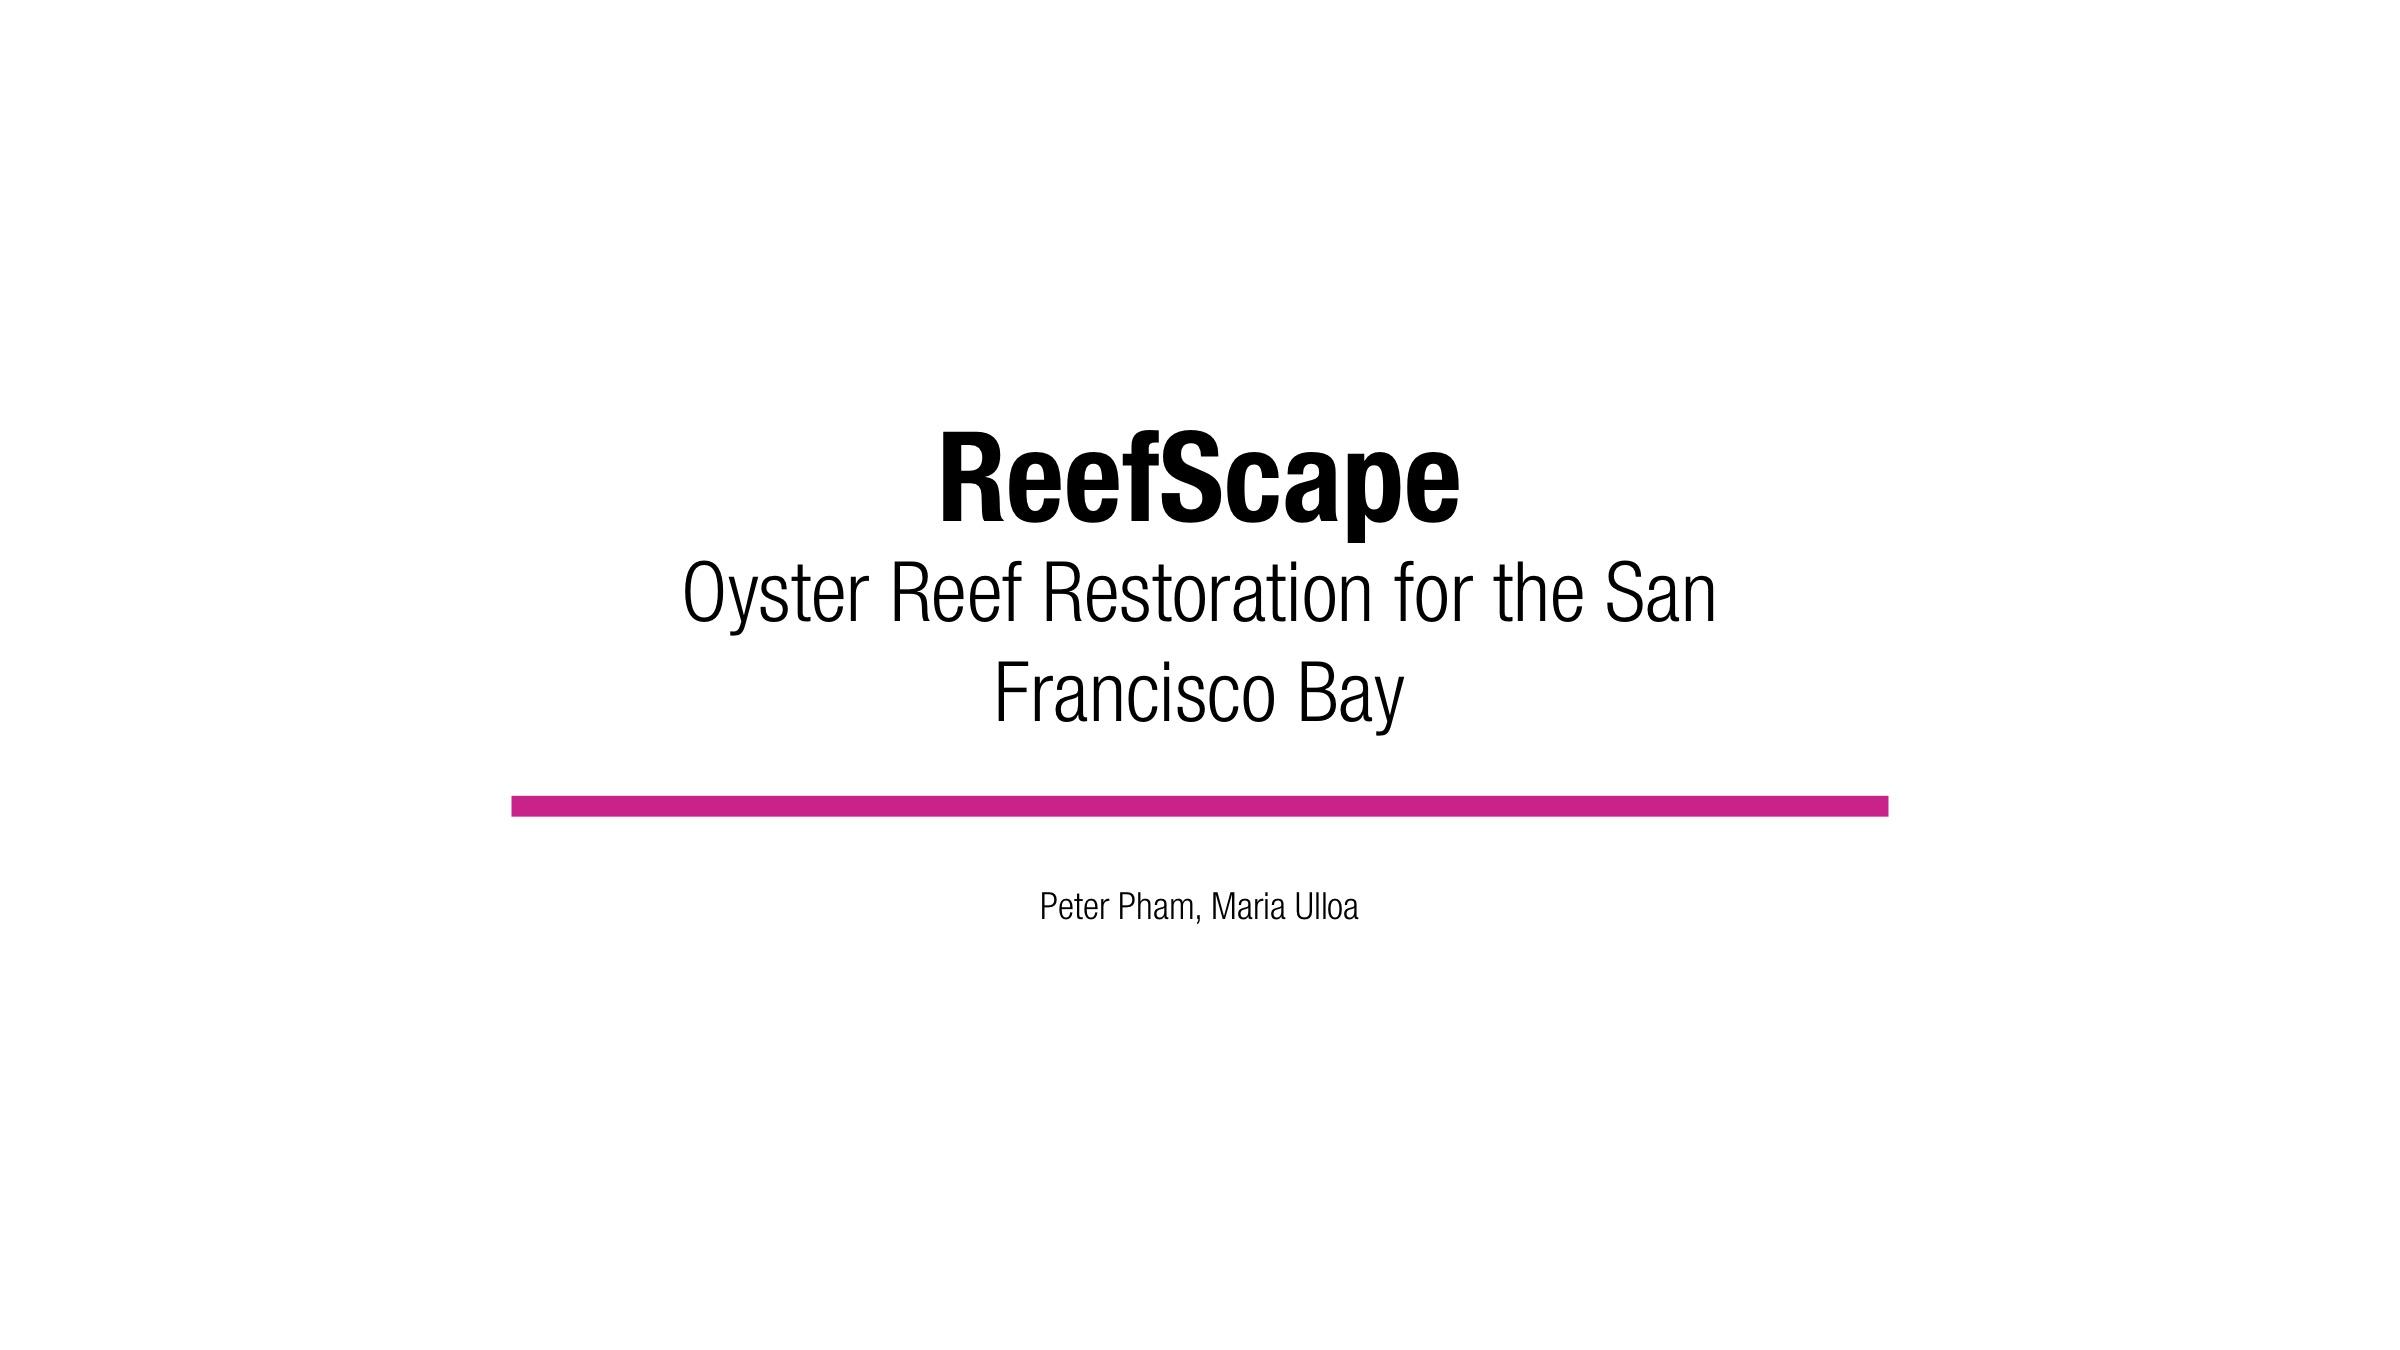 ReefScape 1.jpg